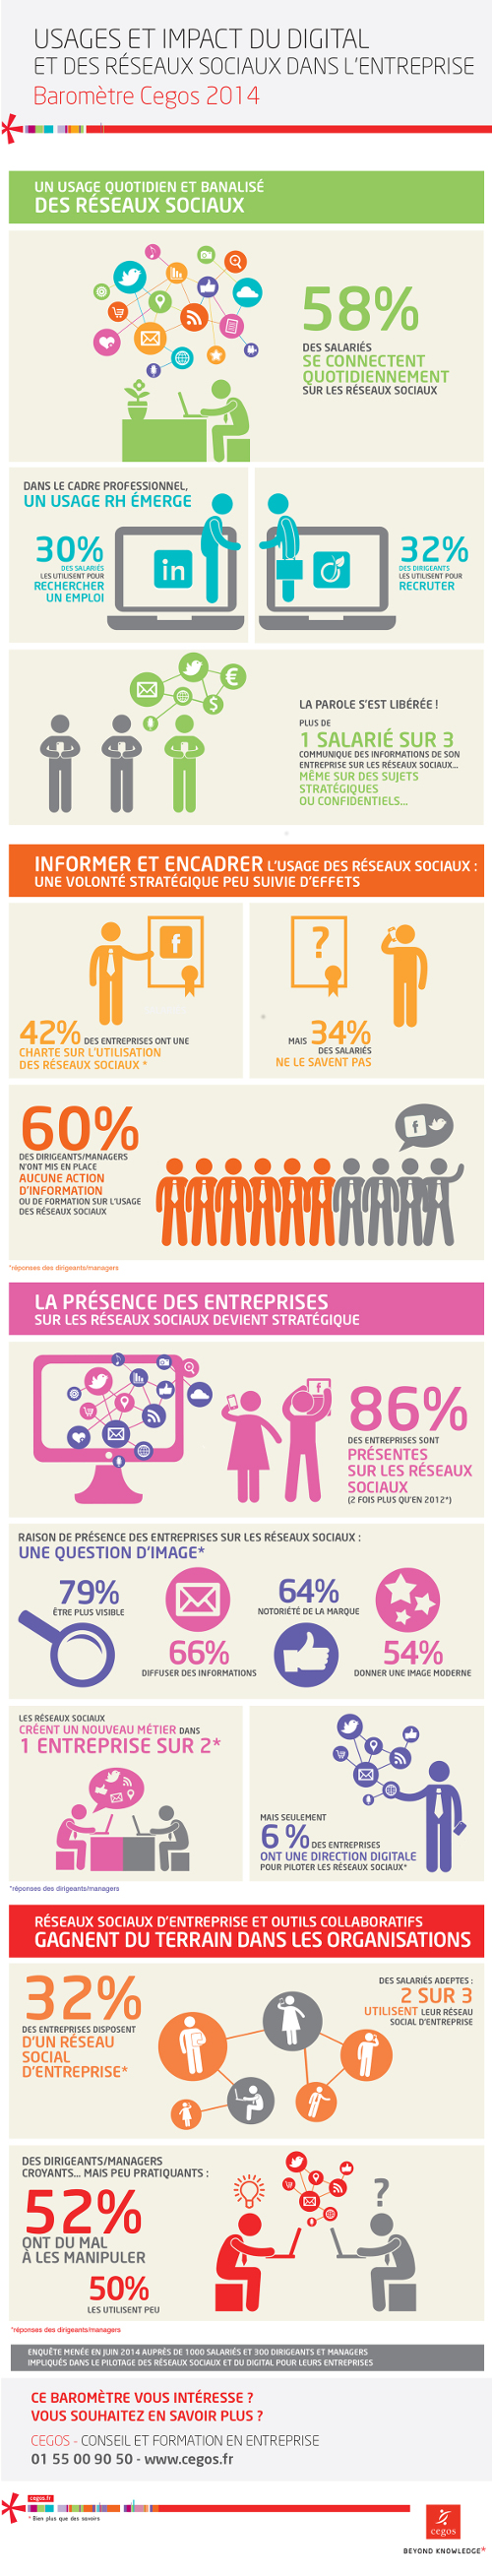 L'agence de communication Nostromo vous porpose une infographie resumant les relations entre reseaux sociaux et entreprises